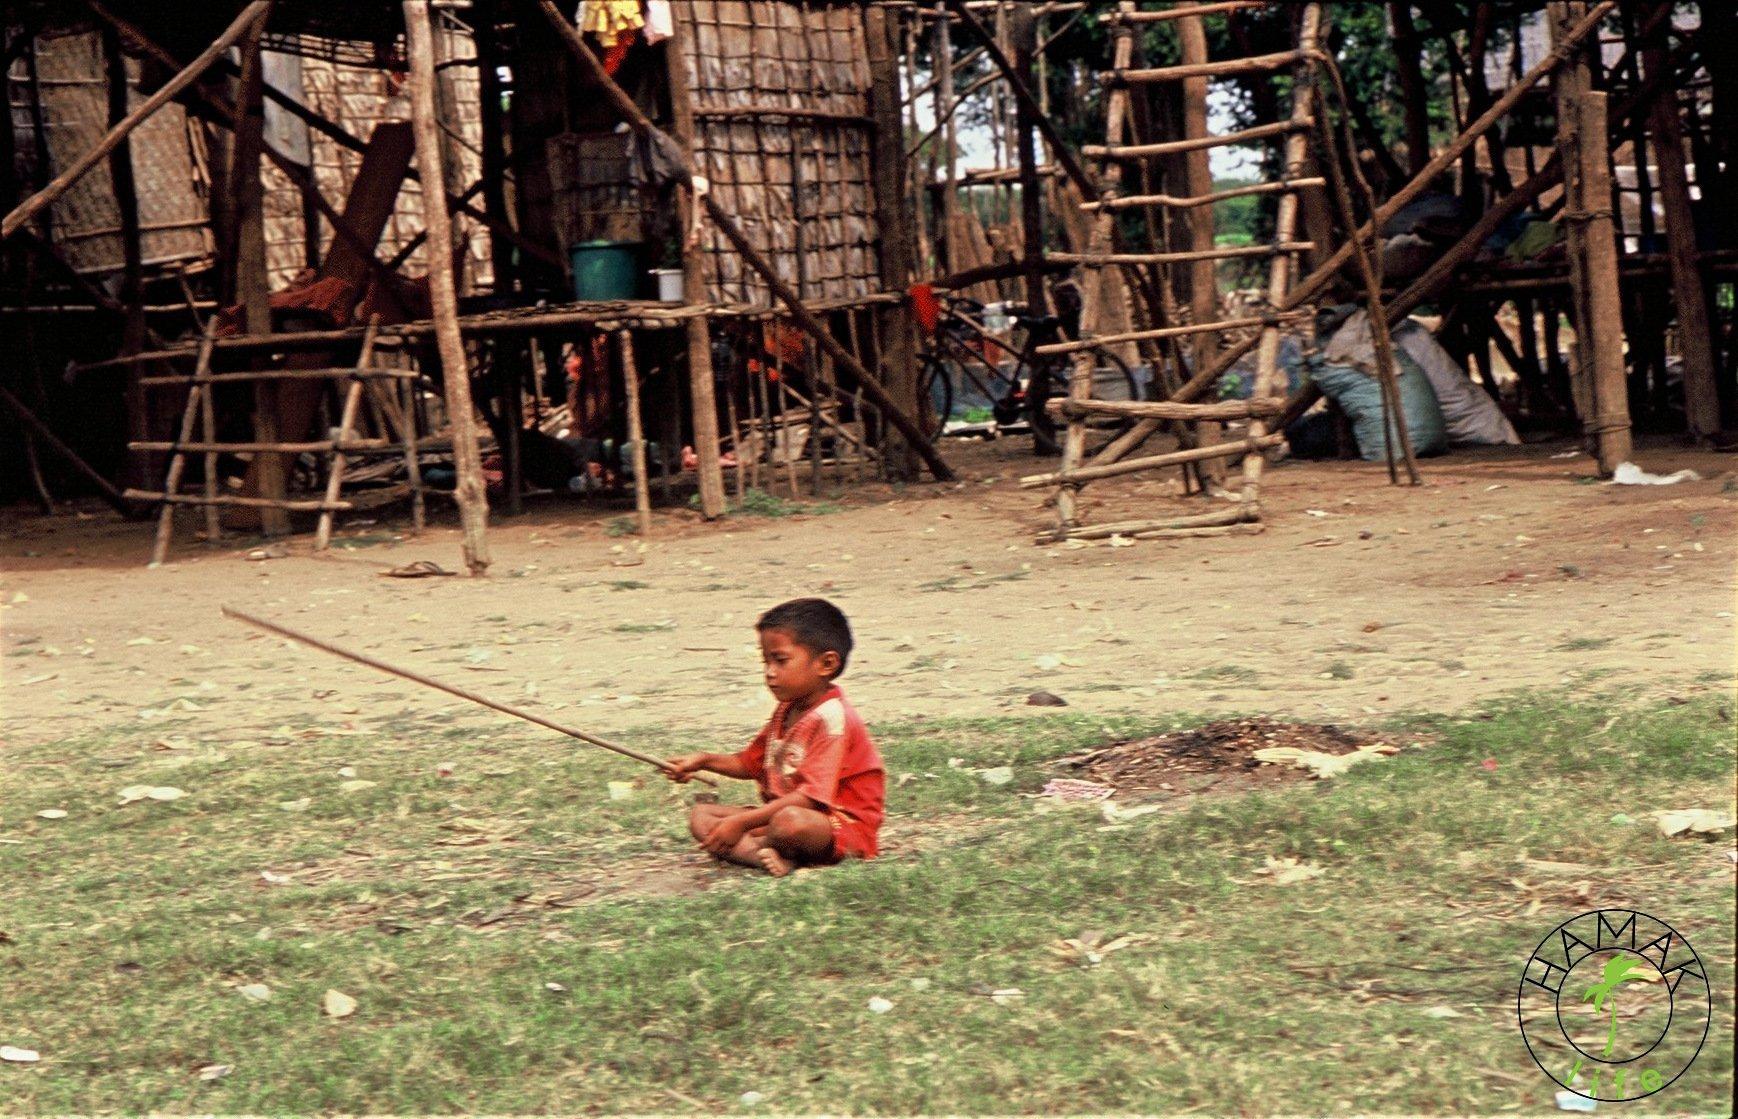 Chłopiec w wiosce na palach w Kambodży bawi się patykiem